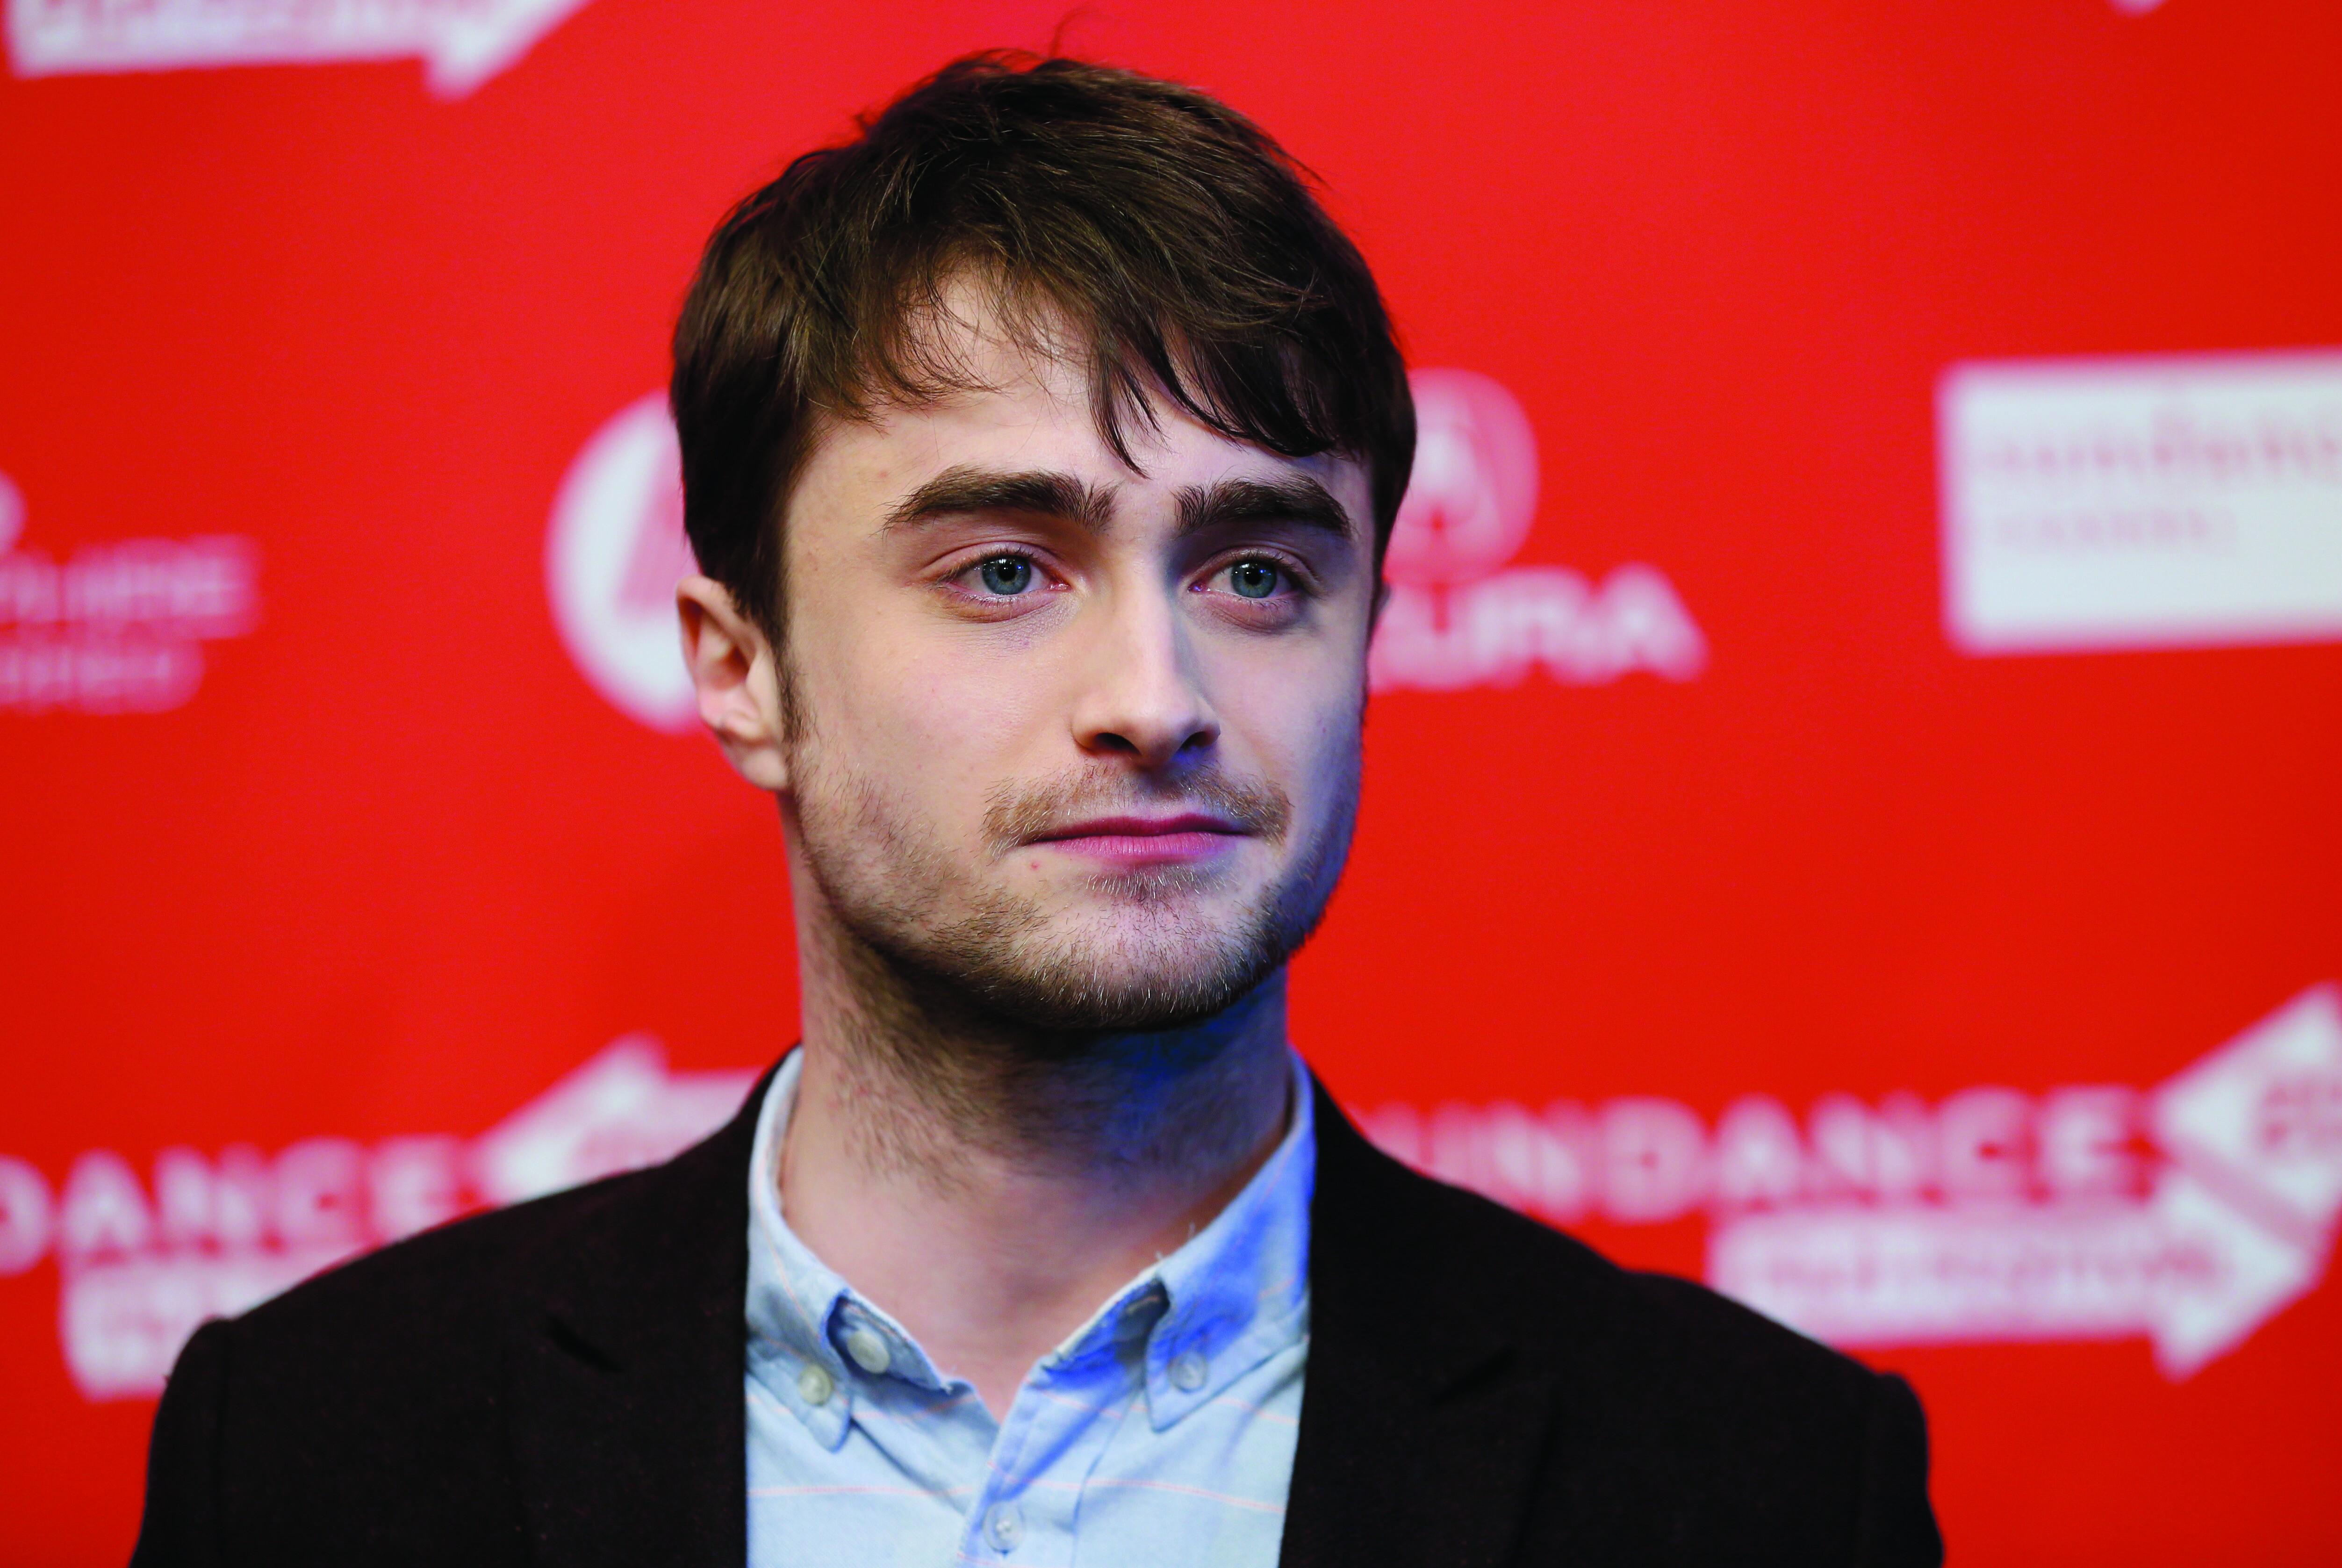 73cb64969a1f3  MAGA  hat in Tom Brady s locker still has  Harry Potter  star Daniel  Radcliffe upset